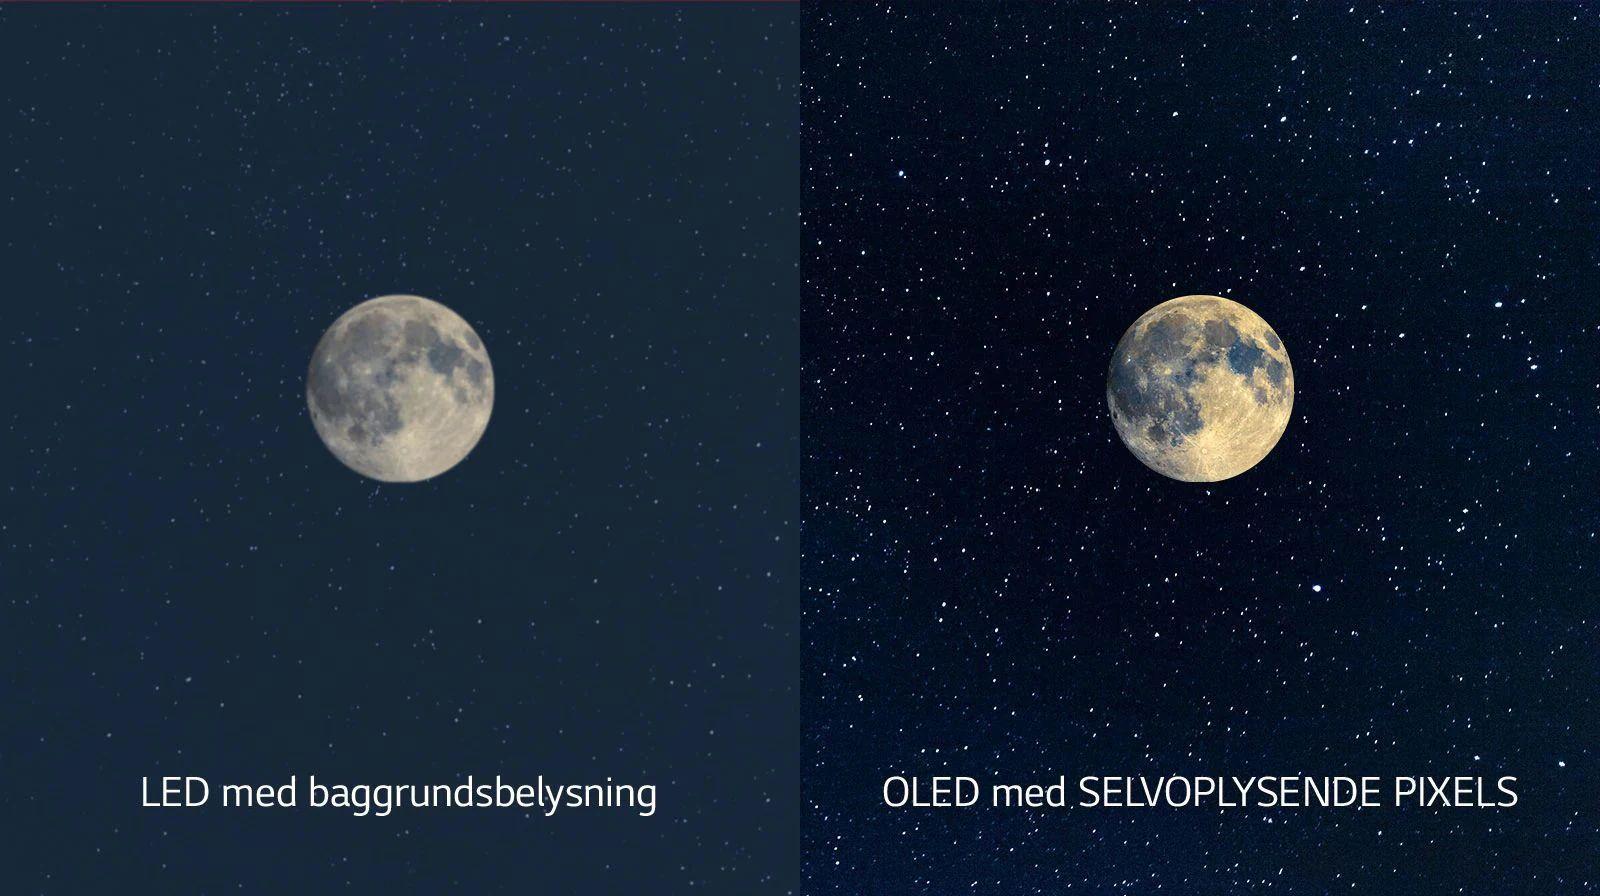 Изображение луны: слева показан LED-дисплей в неглубоким черным цветом, а справа — OLED с идеальным черным (просмотр видео)